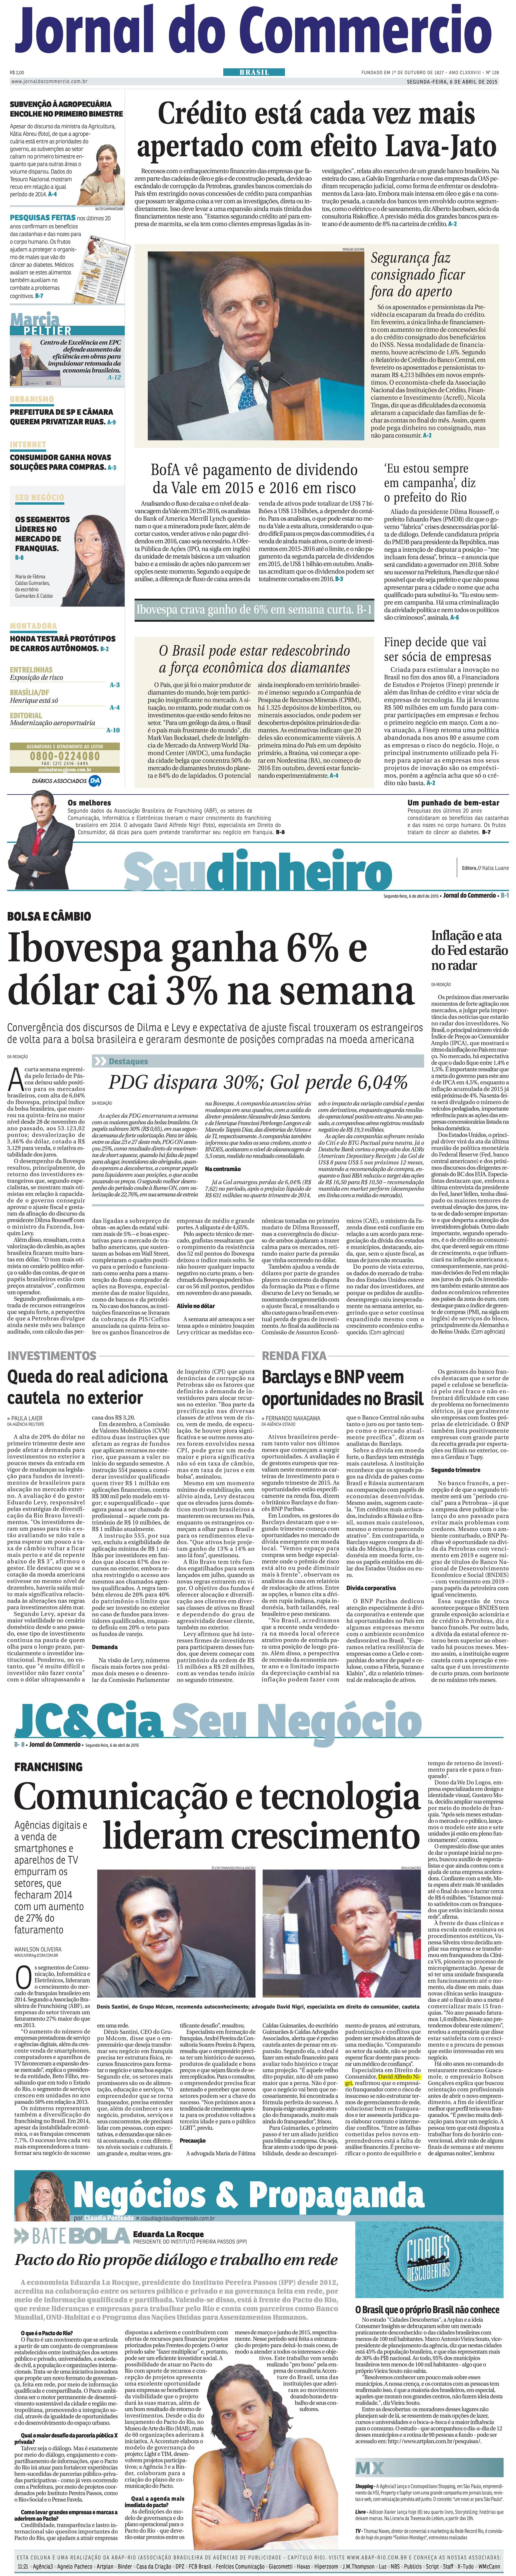 jornal-commercio-franquias